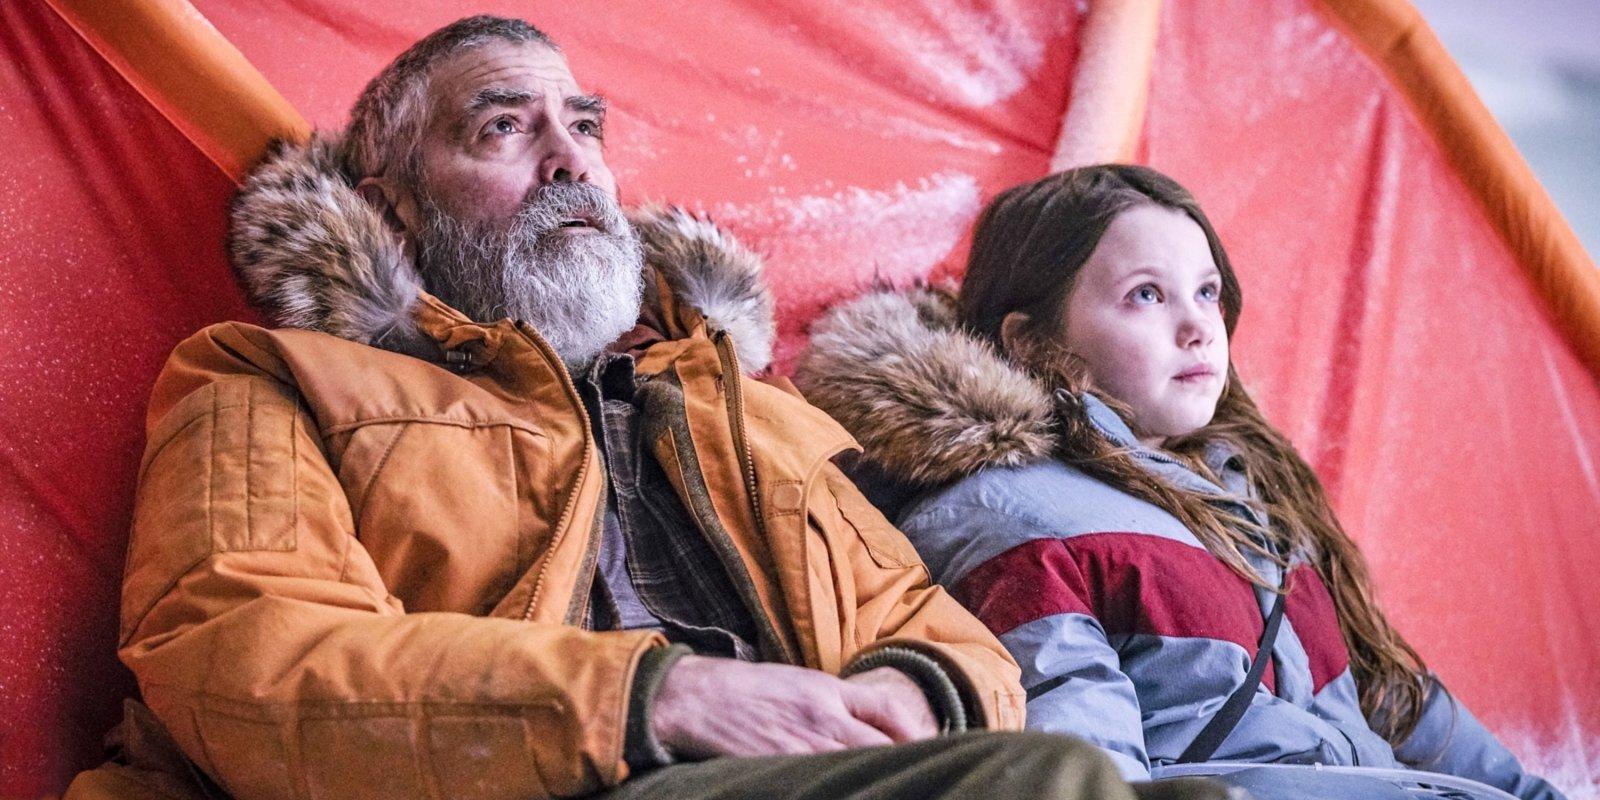 Visu laiku skatītākās filmas – Klūnija 'The Midnight Sky' ceļā pie 'Netflix' rekordistēm